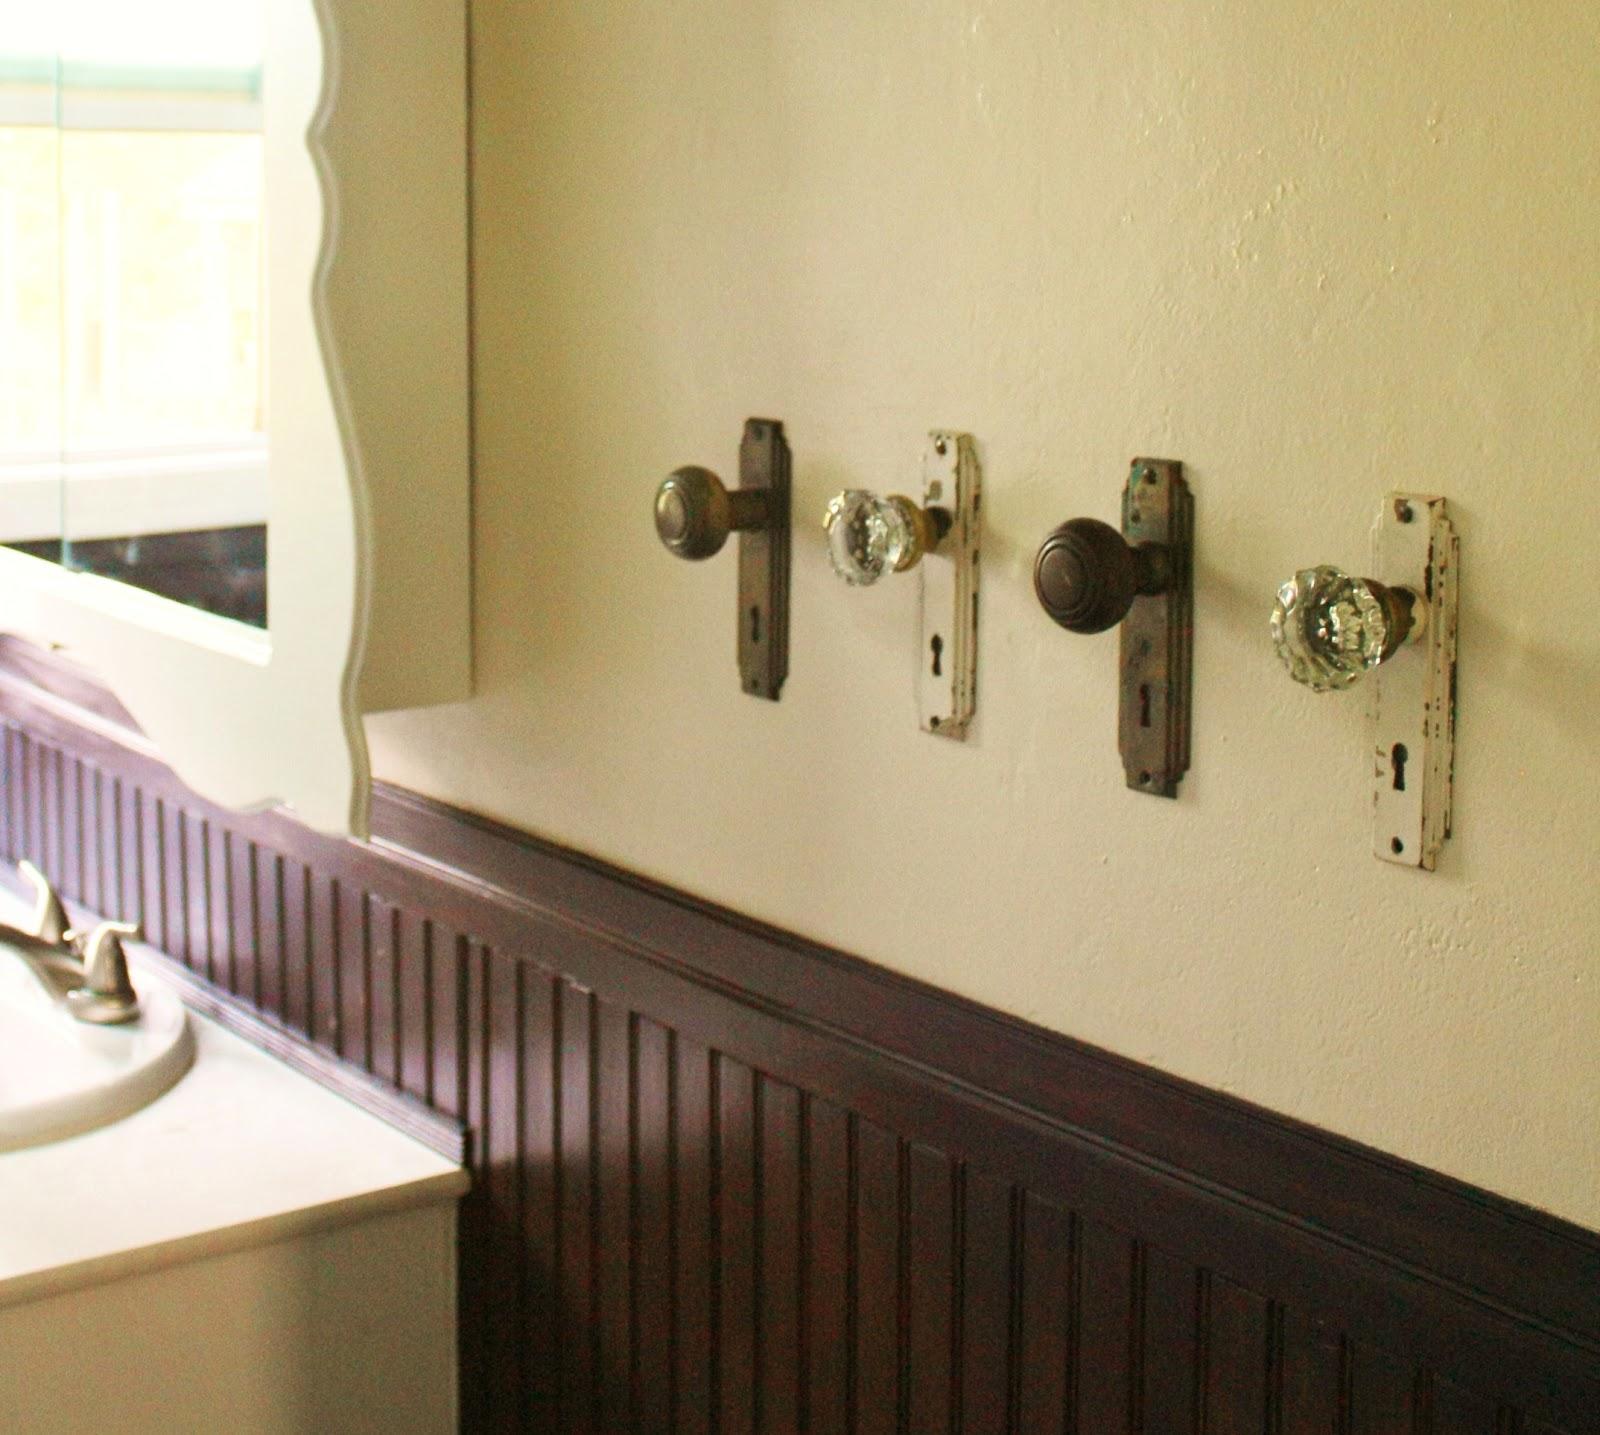 Old door knobs to hang towels